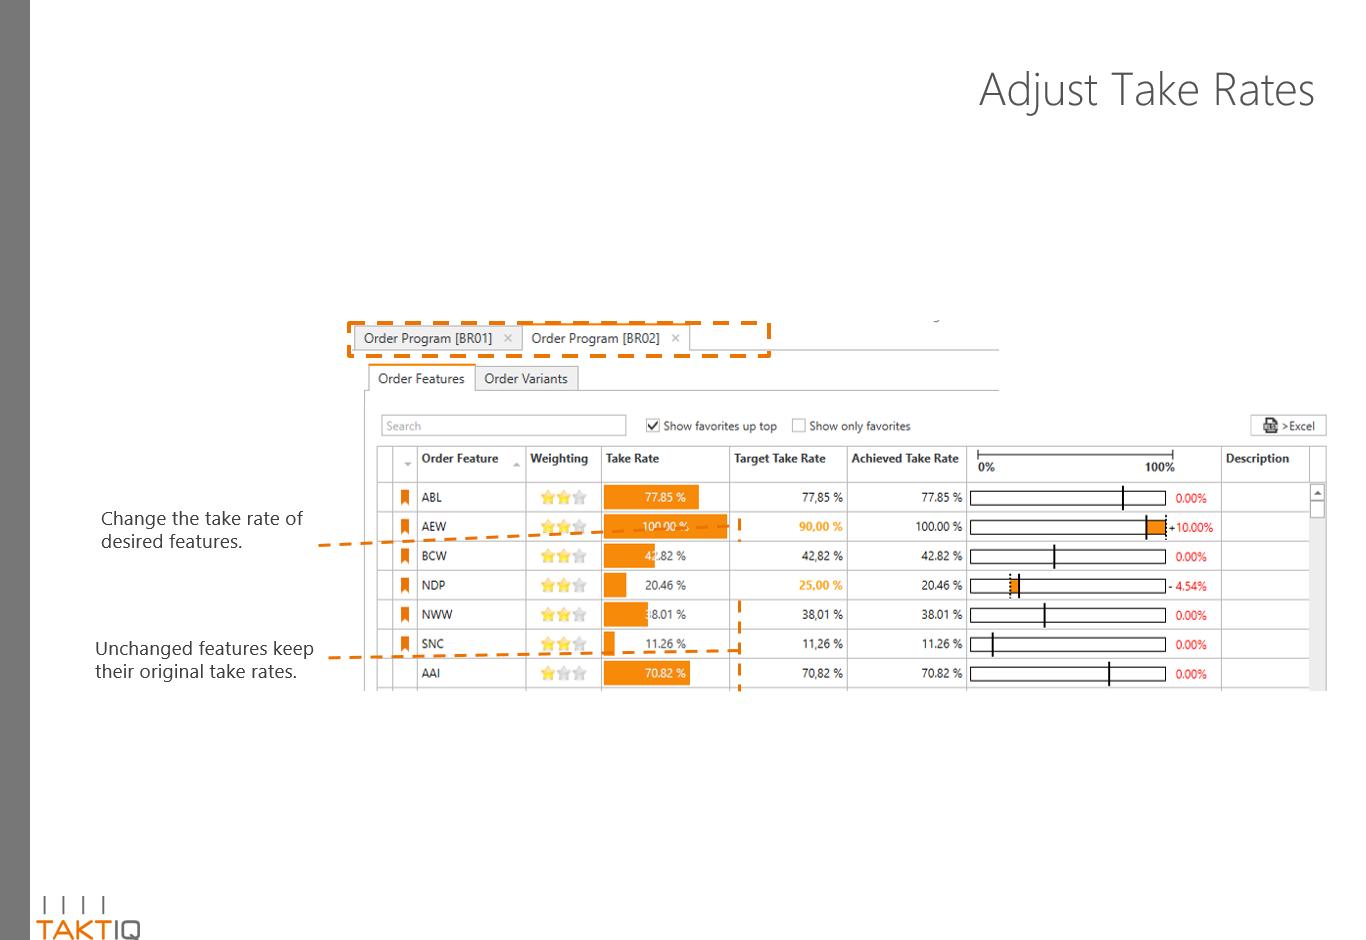 Adjust take rates for the order program